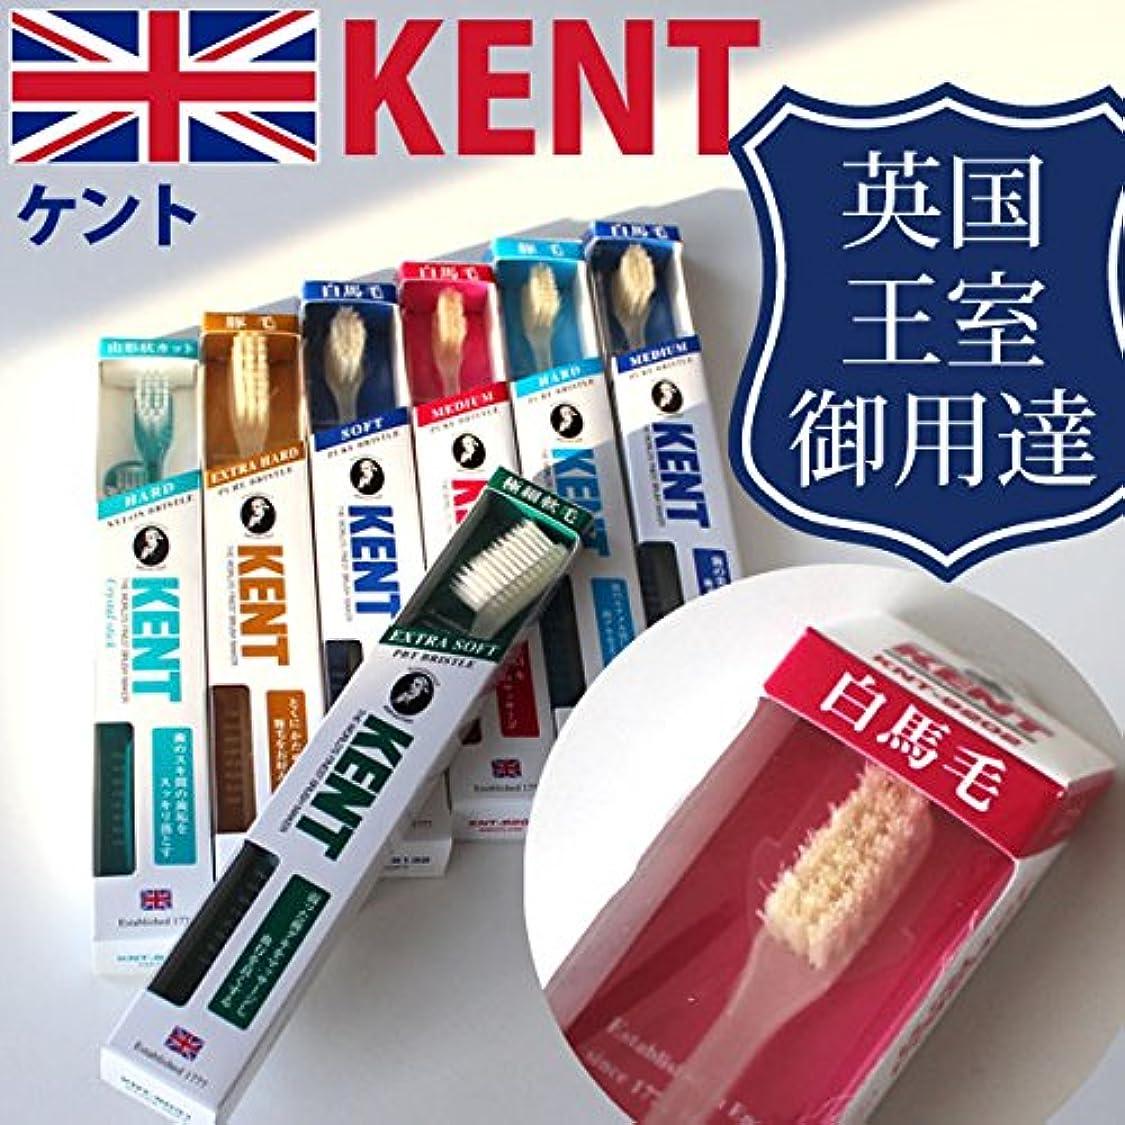 ノーブルキー抵当ケント KENT 白馬毛 超コンパクト歯ブラシ KNT-9102/9202 6本入り 他のコンパクトヘッドに比べて歯 ふつう